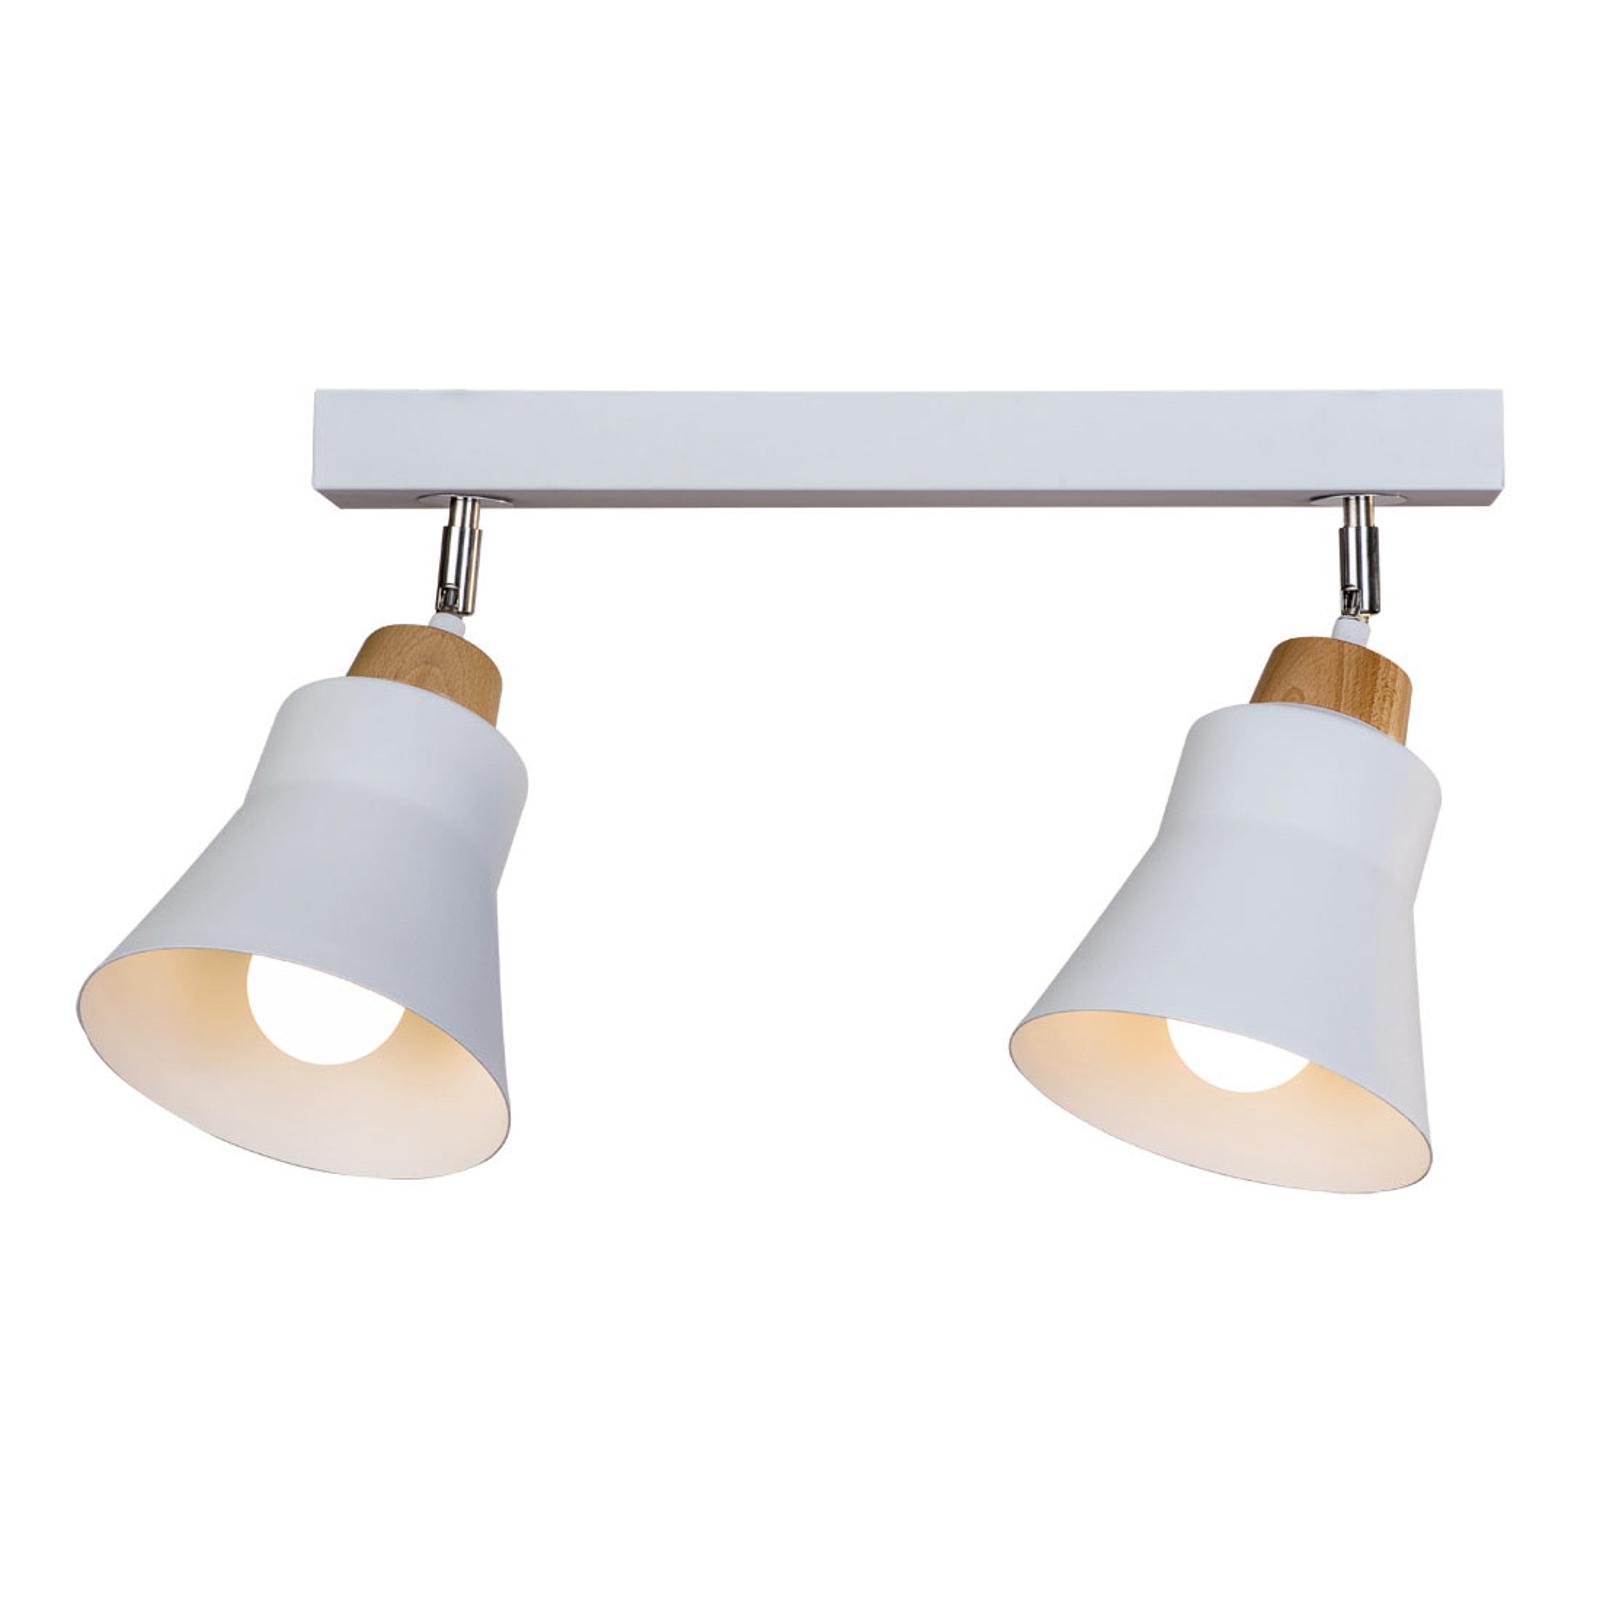 Lampa sufitowa Wood, 2-punktowa, biała